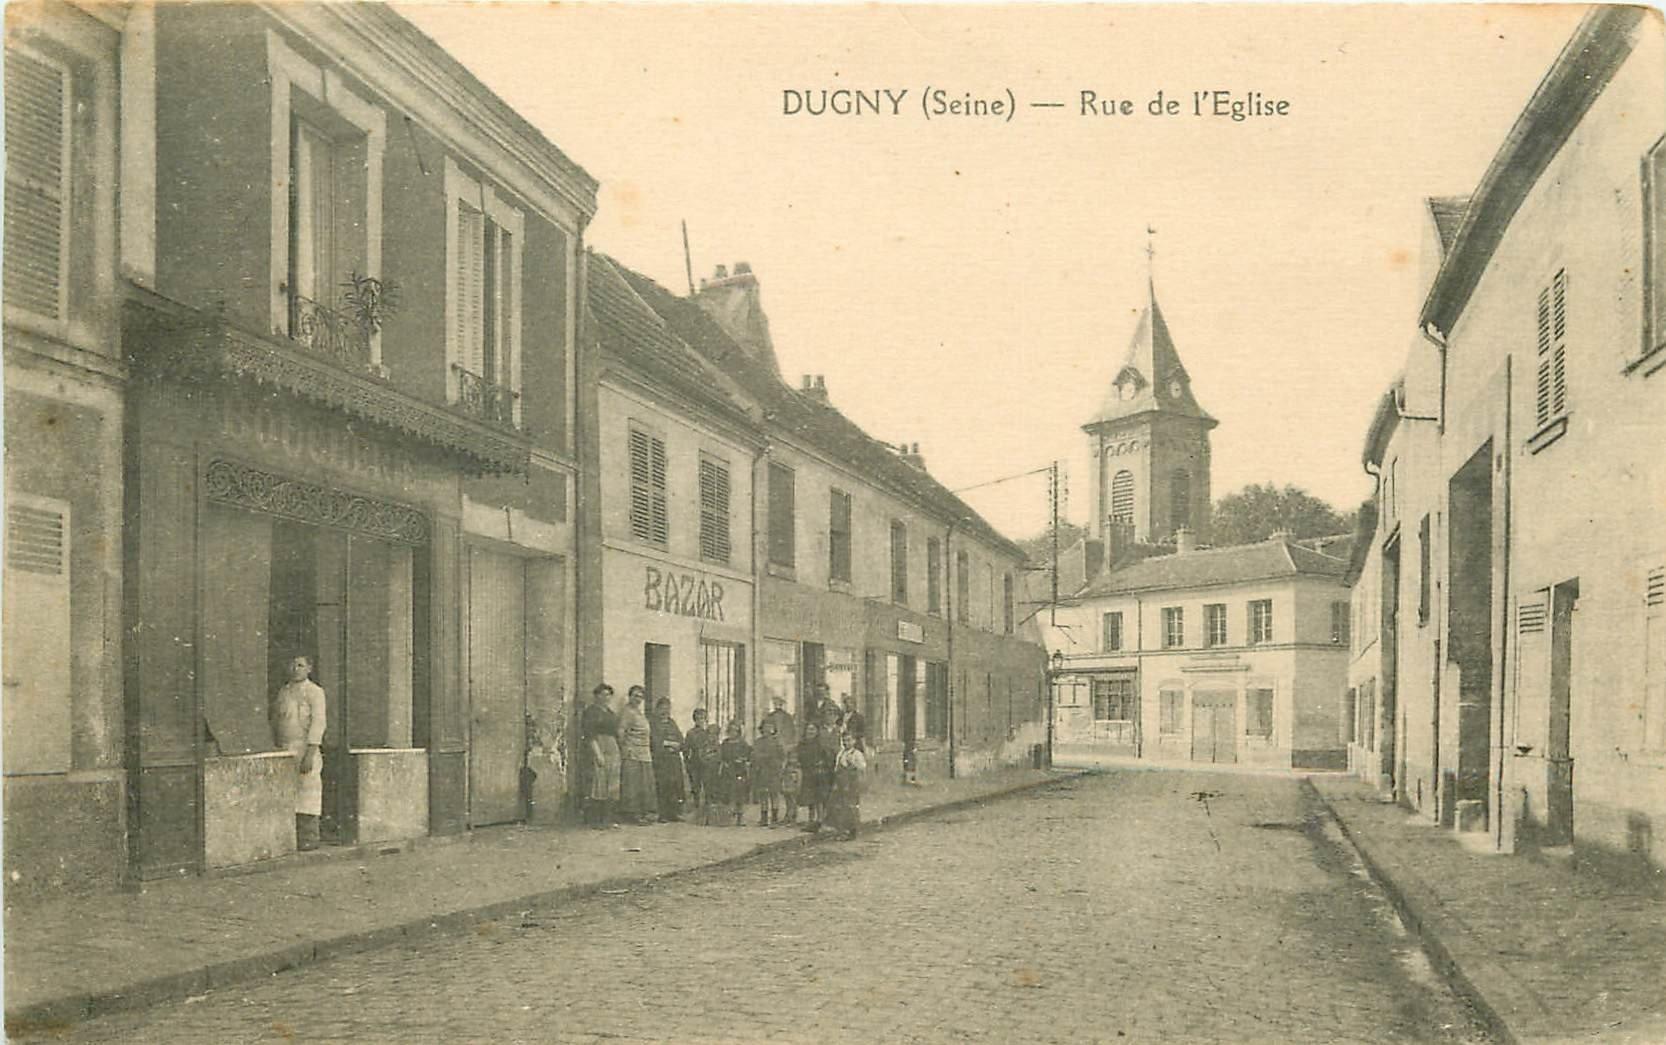 93 DUGNY. Boucherie et Bazar Rue de l'Eglise animation